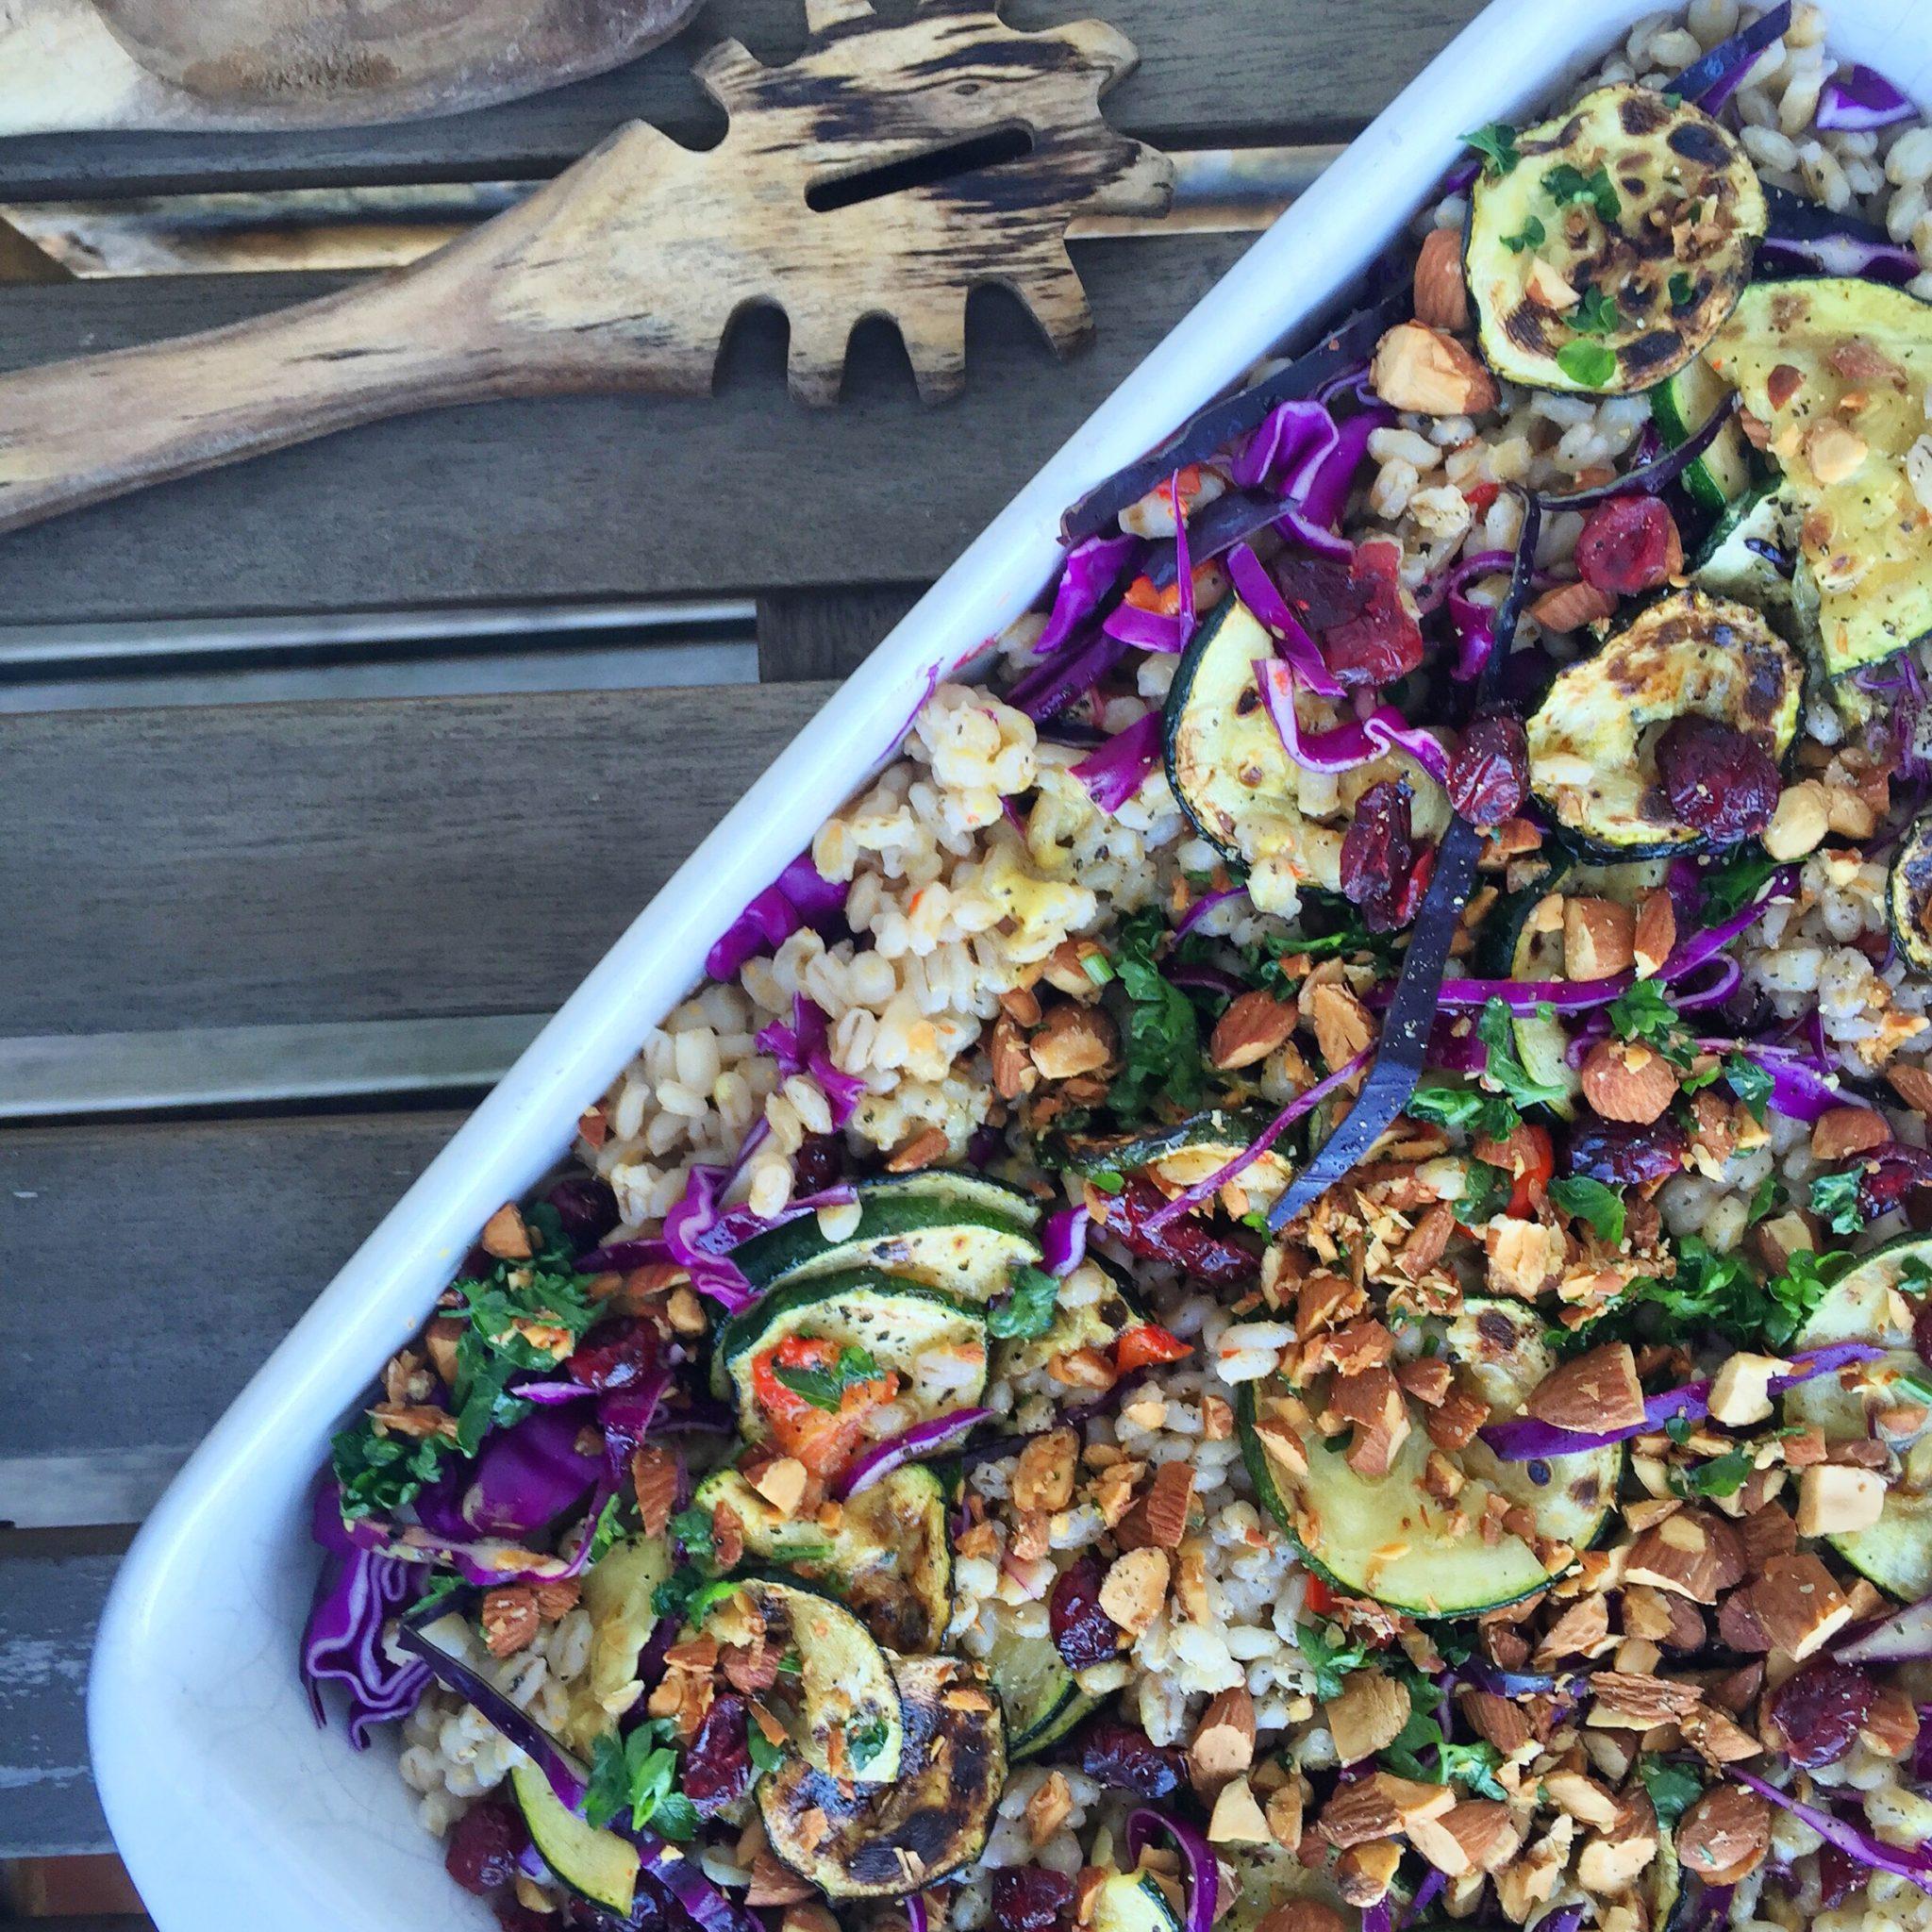 Nem salat til grill med perlebyg, squash og rødkål